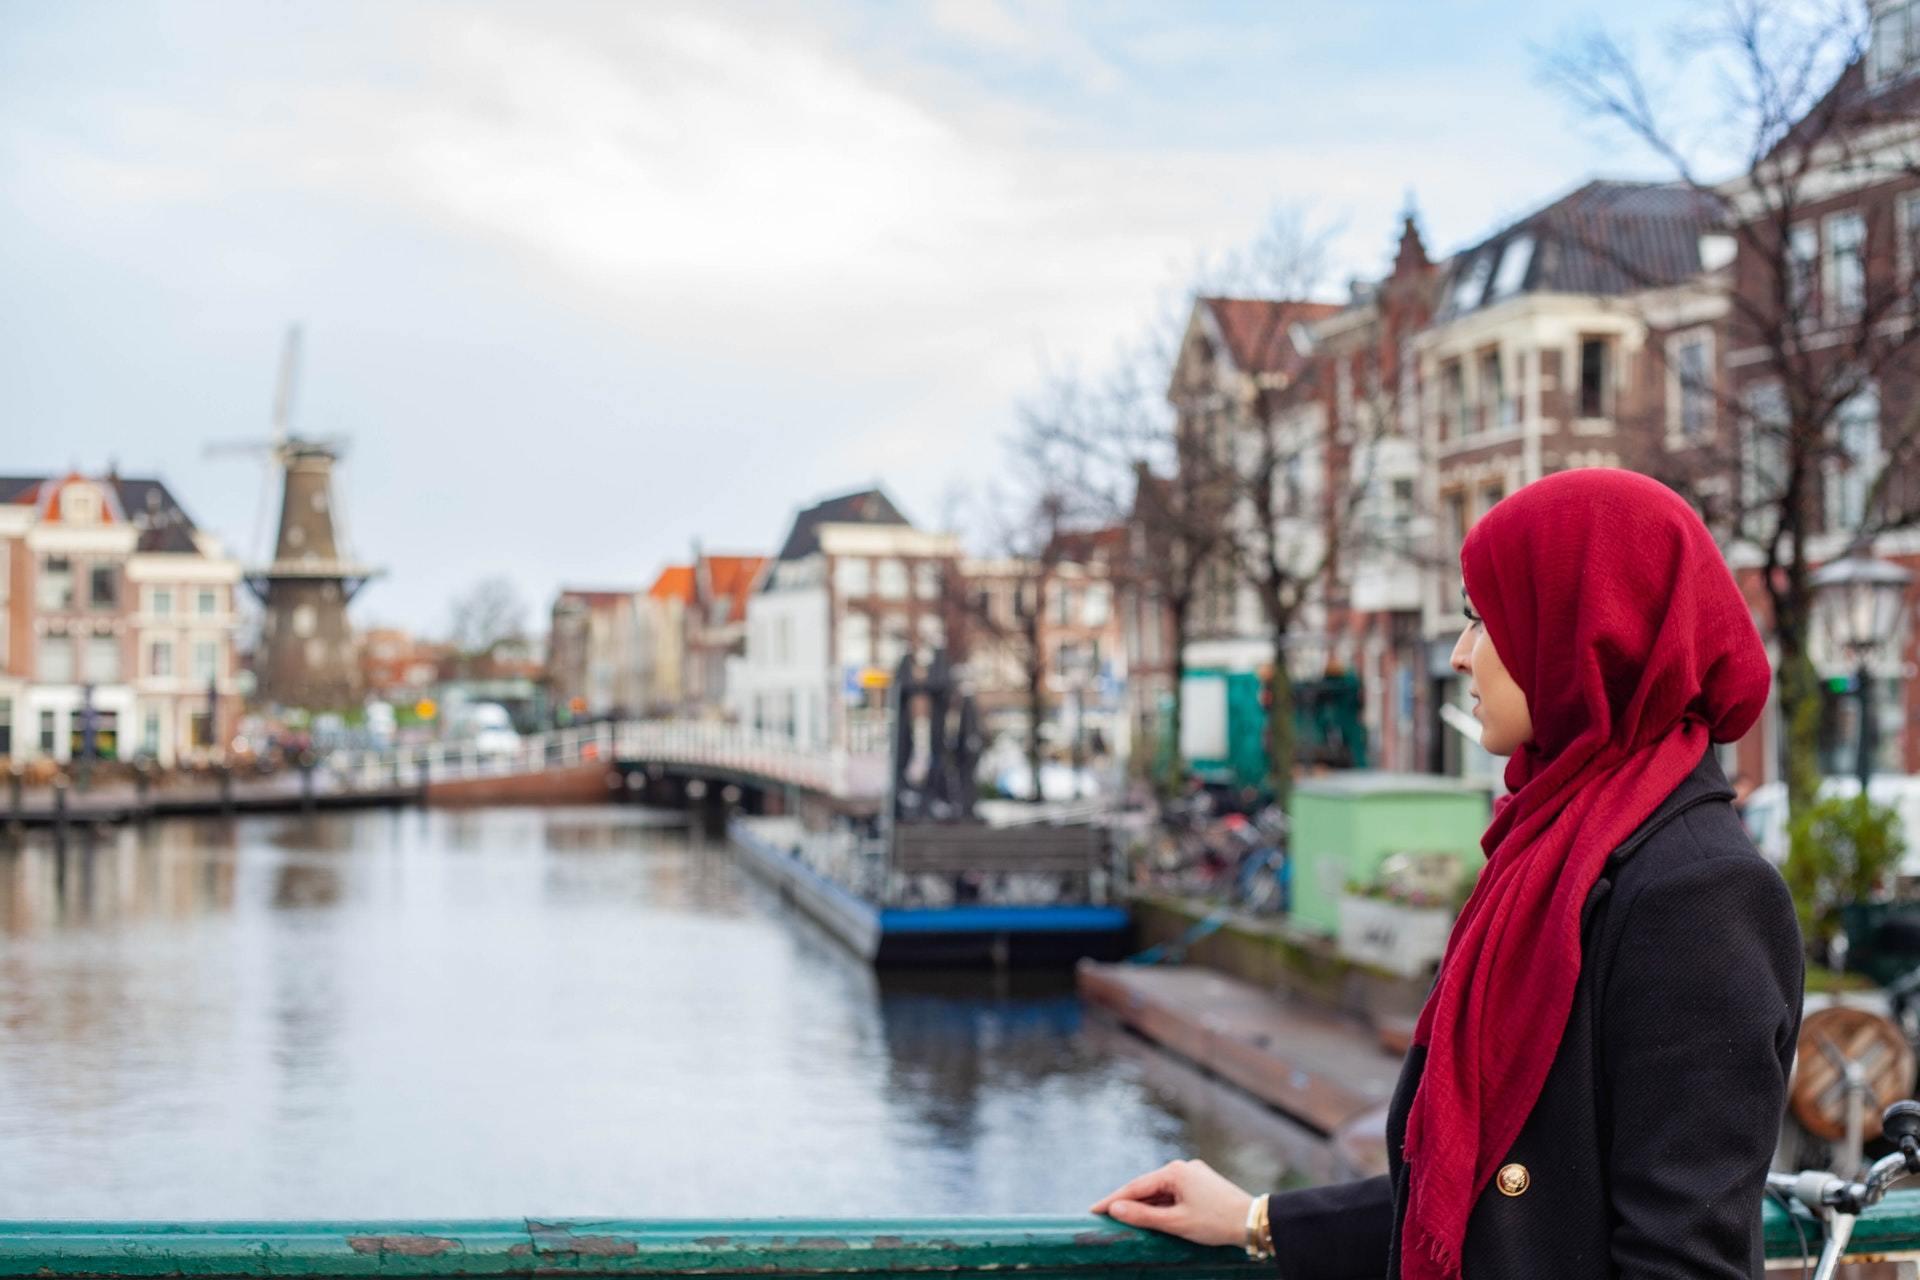 Daten voor moslims